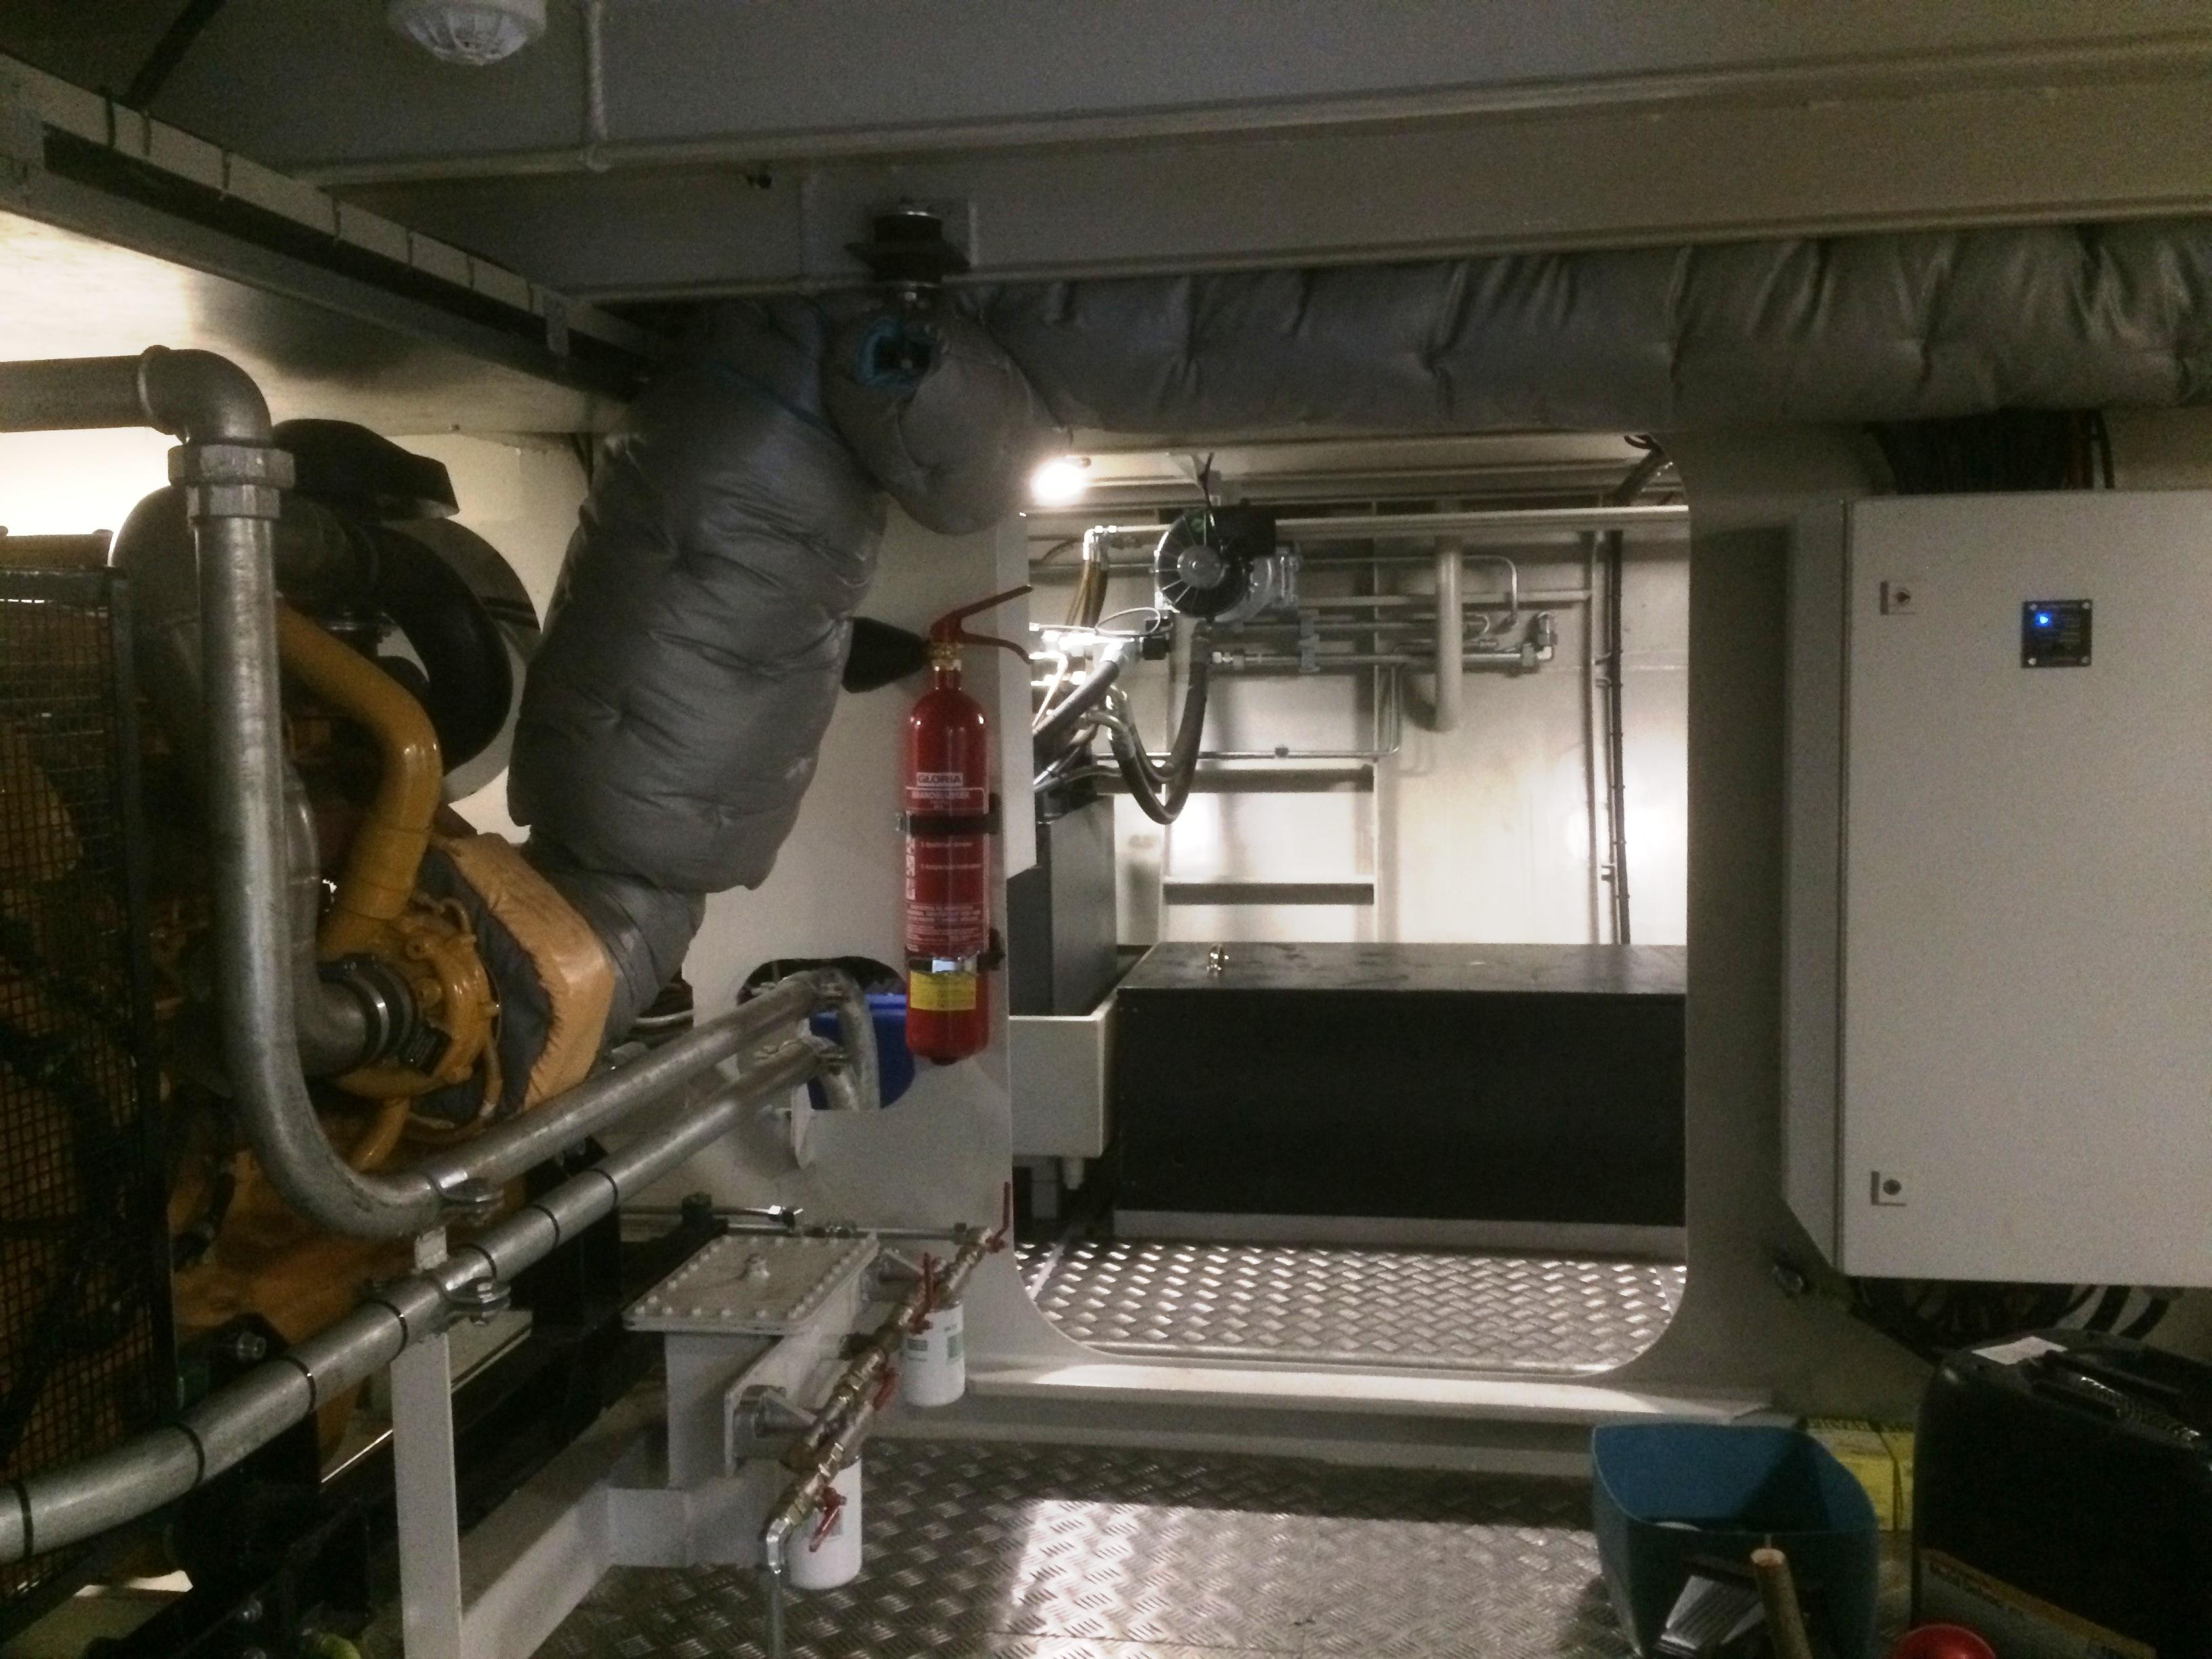 Een kijkje in het motorruim met de John Deere voortstuwingsmotor